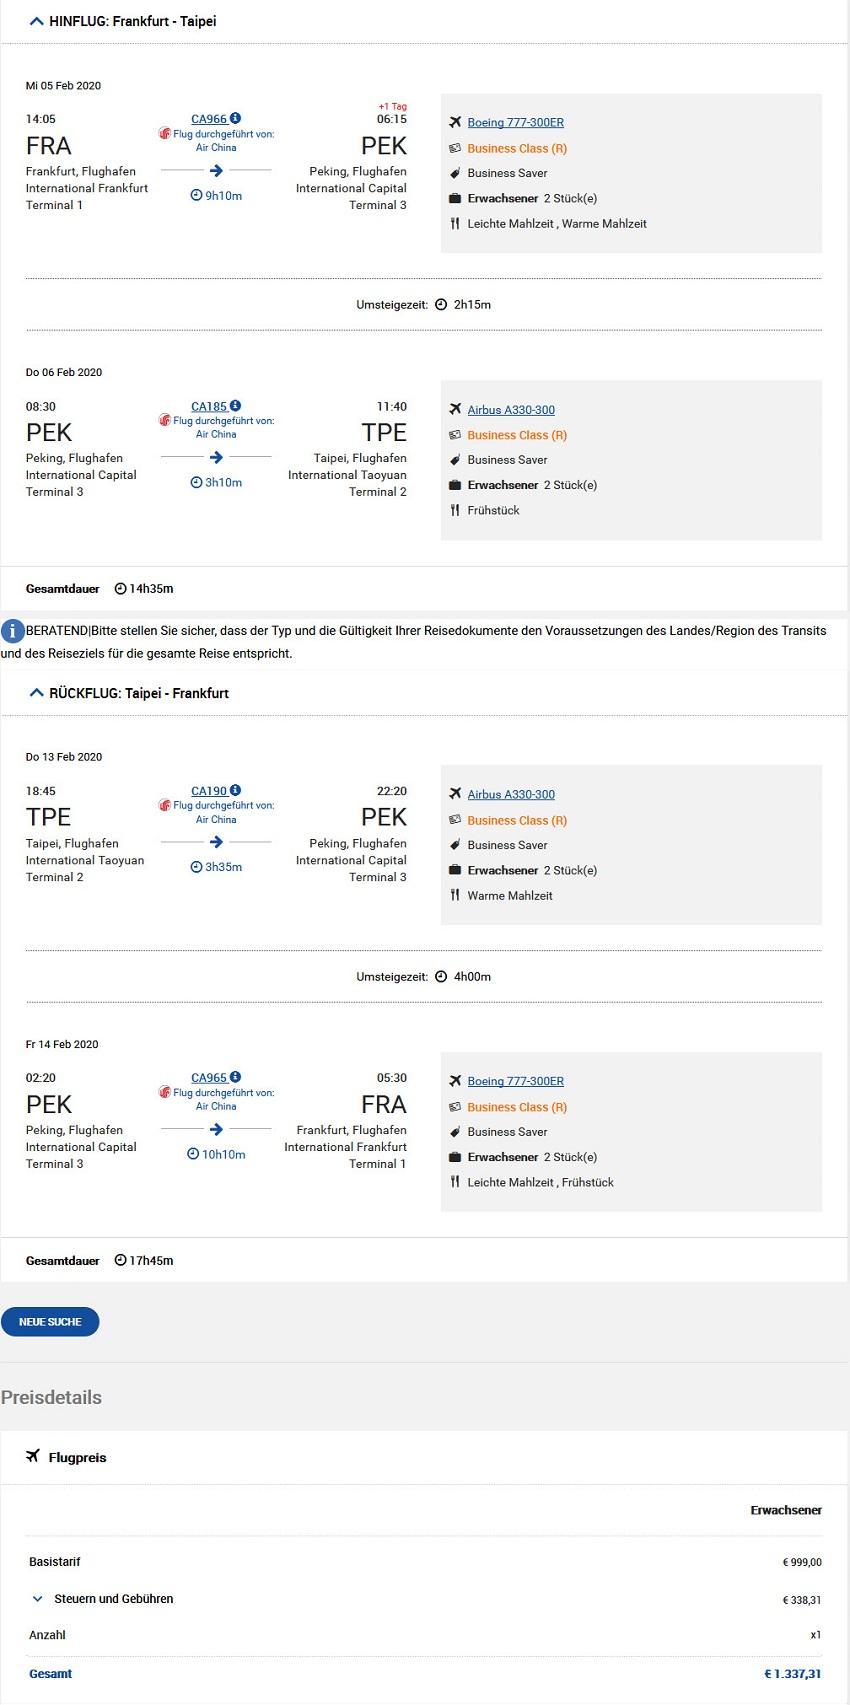 Preisbeispiel von Frankfurt nach Taipei in der Air China Business-Class